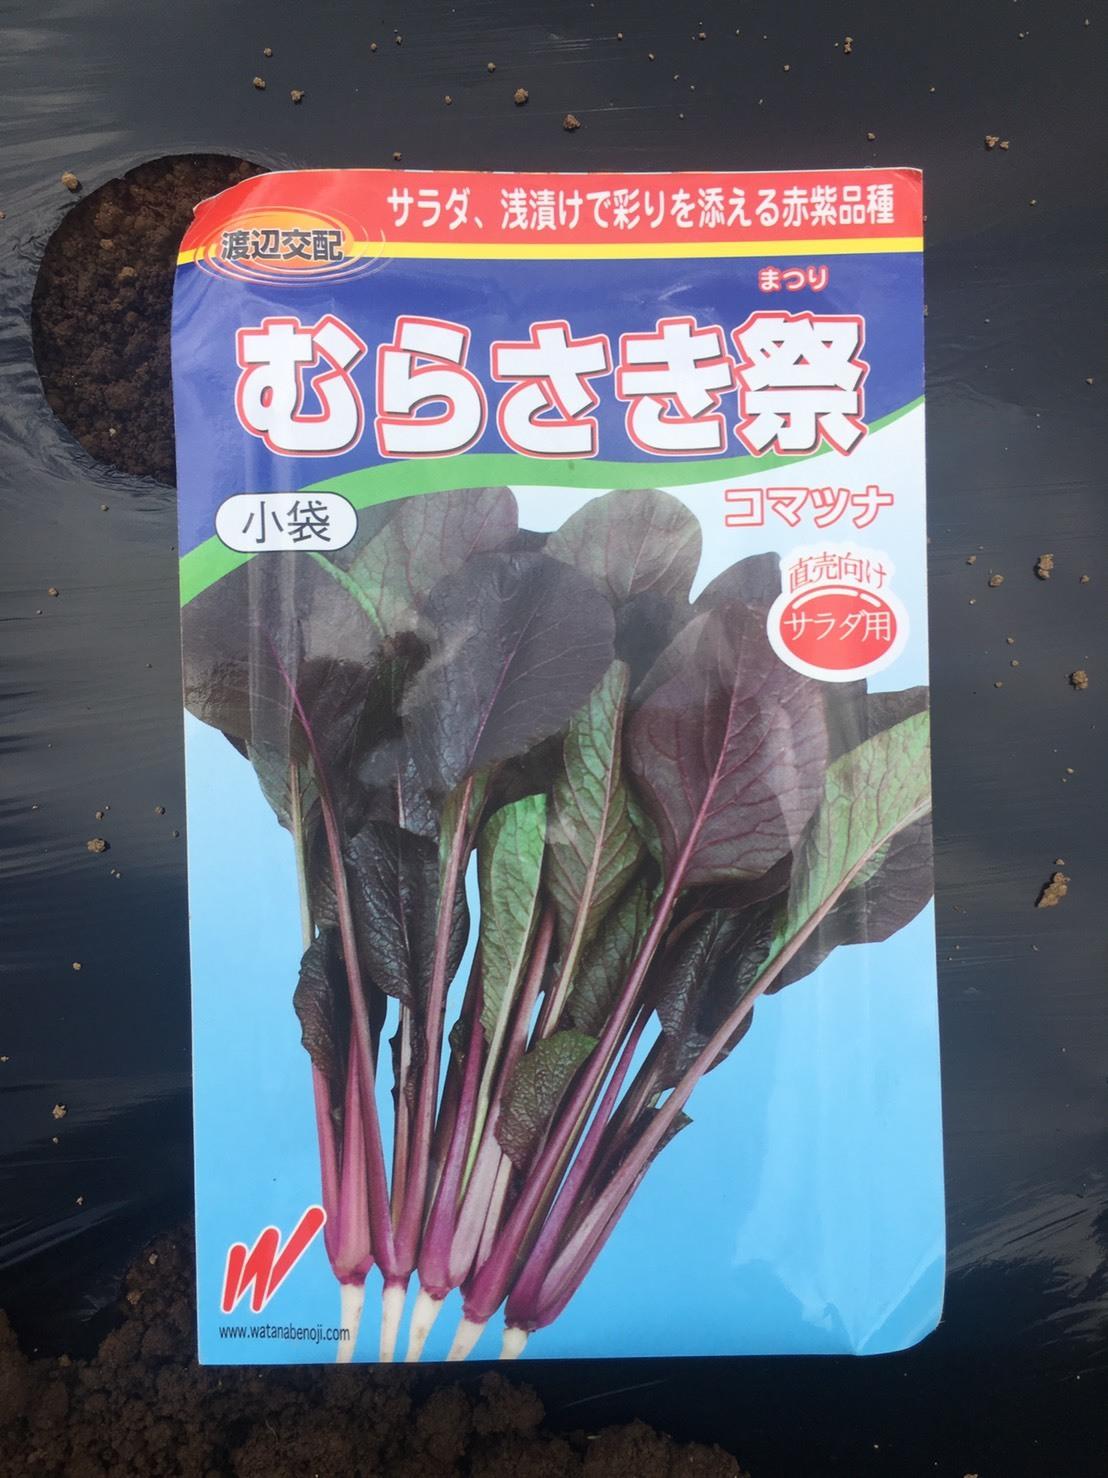 本日より 蕪 ほうれん草 ラディッシュの播種開始します_c0222448_12105352.jpg